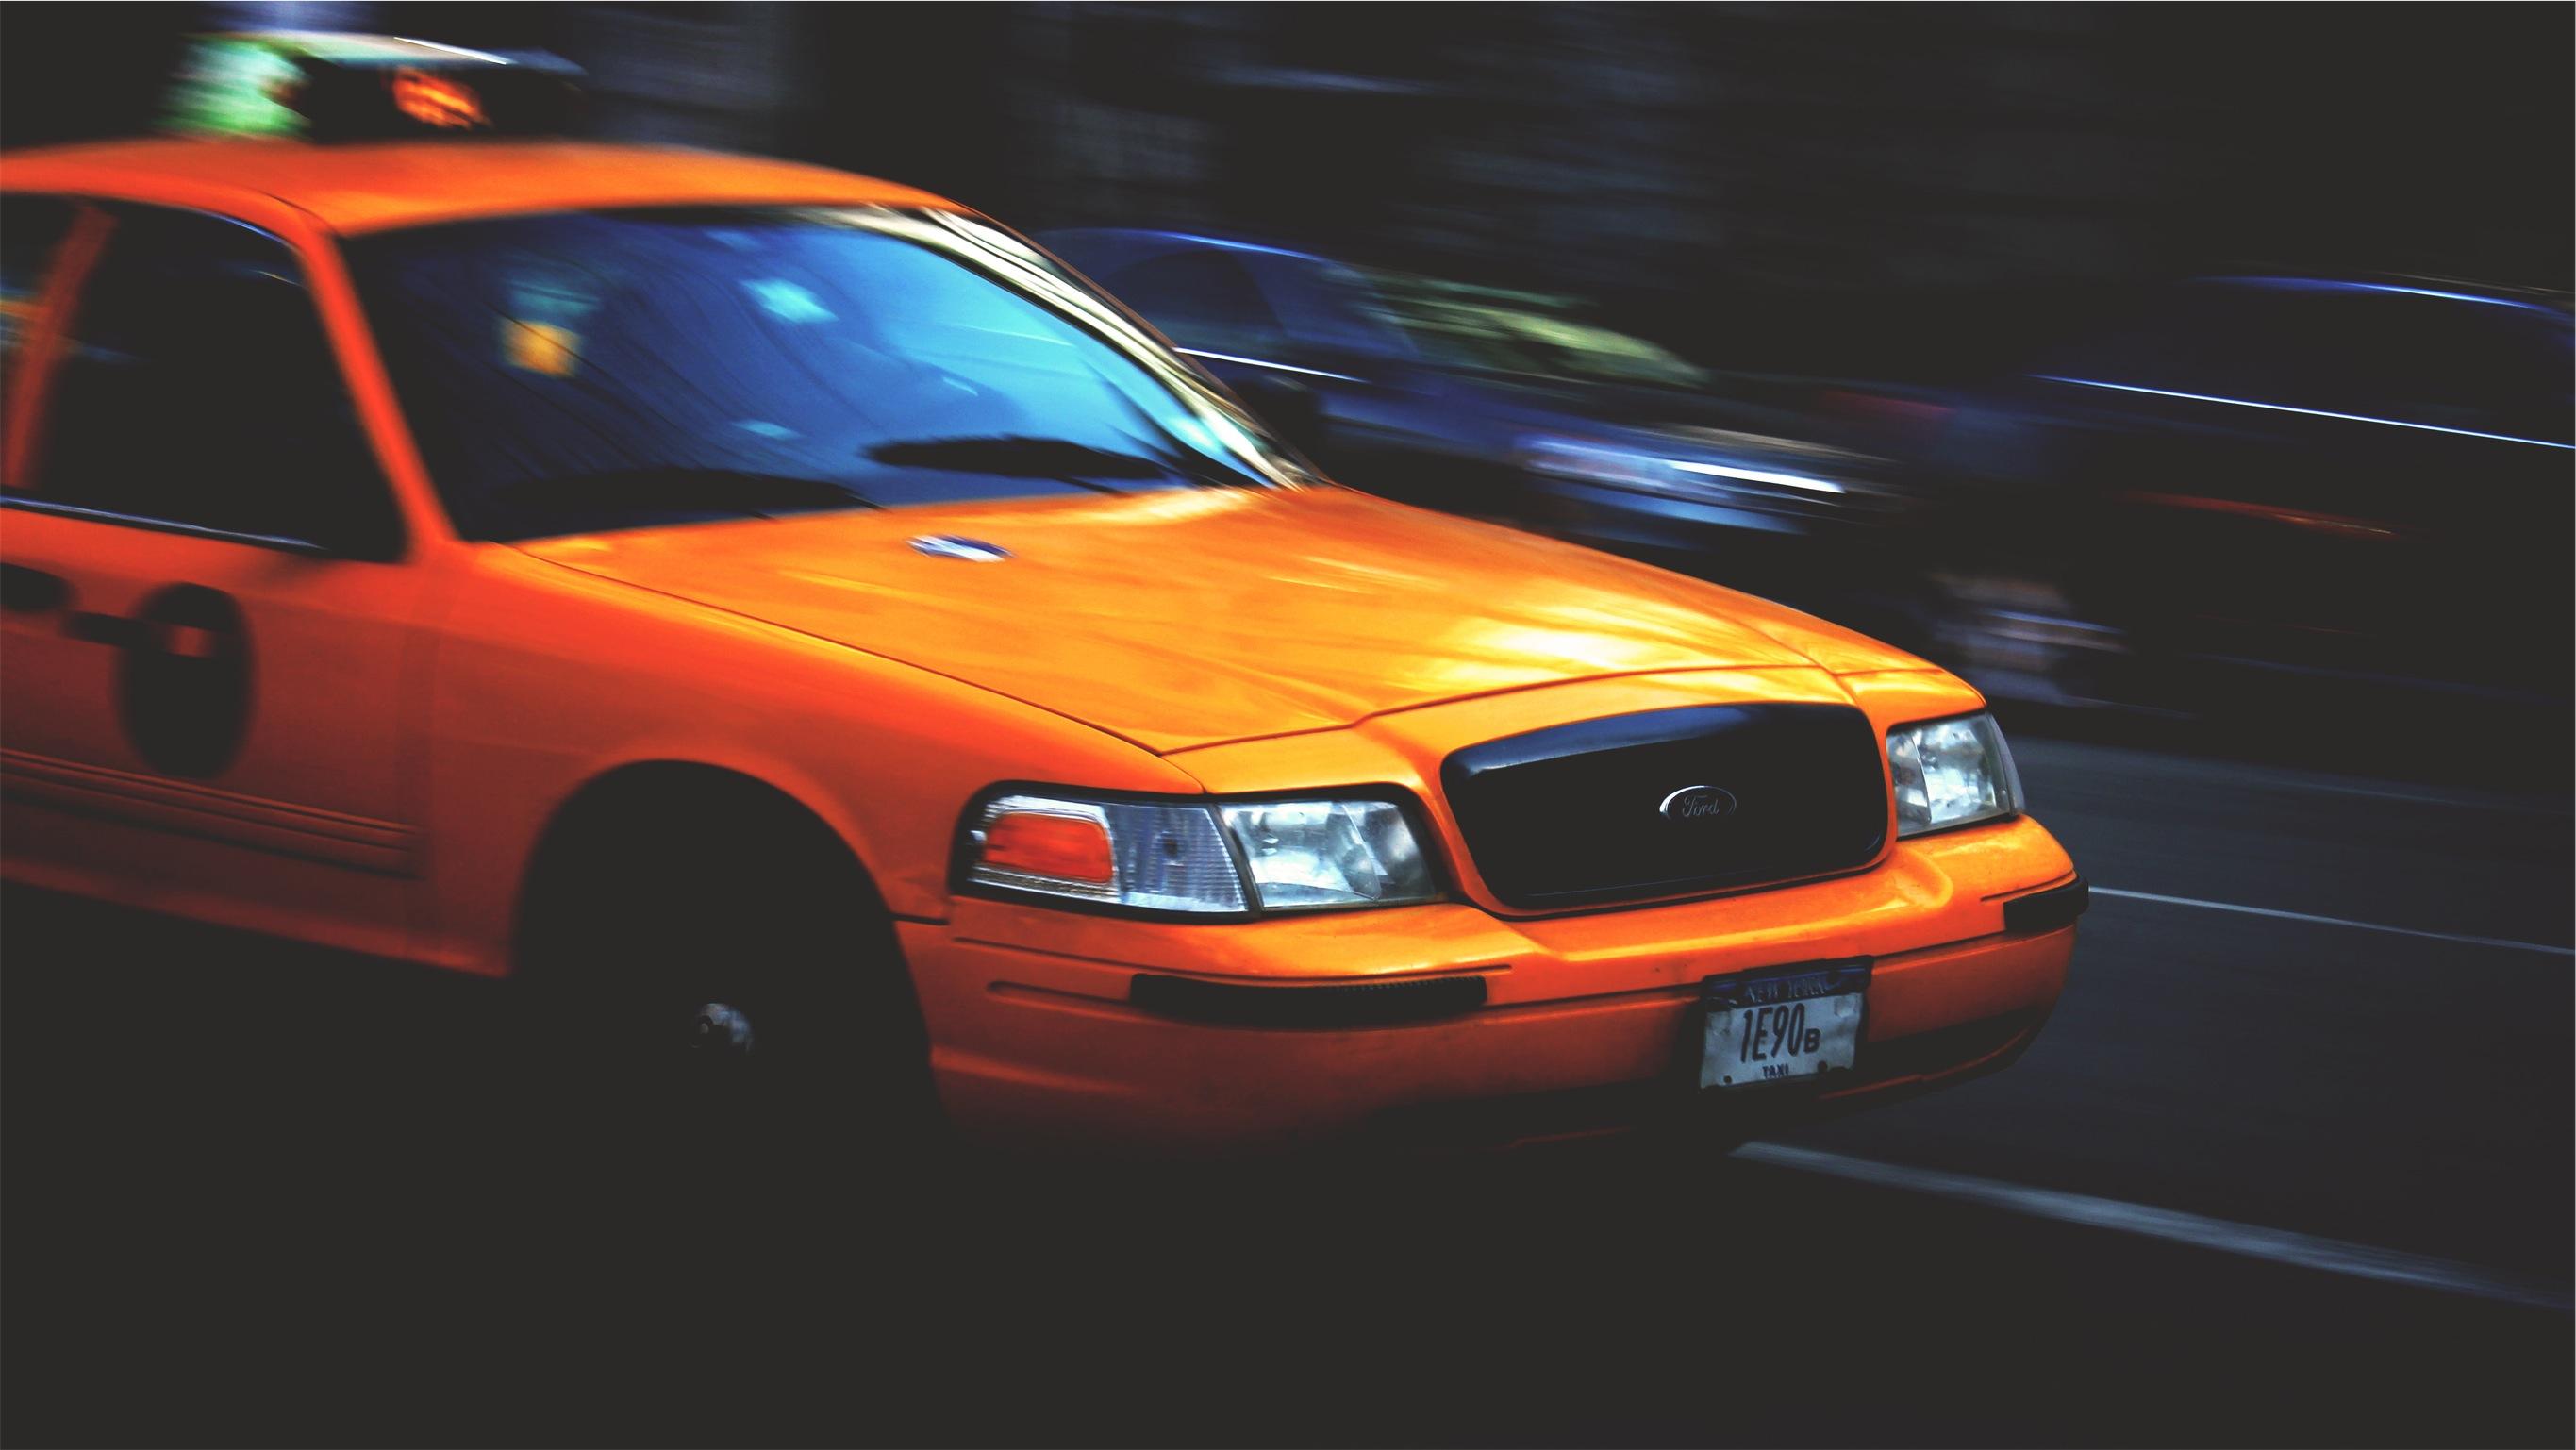 【必殺仕事人!】タクシー運転手「間に合わせるのが私の役目!」惚れてしまうプロたちの言動